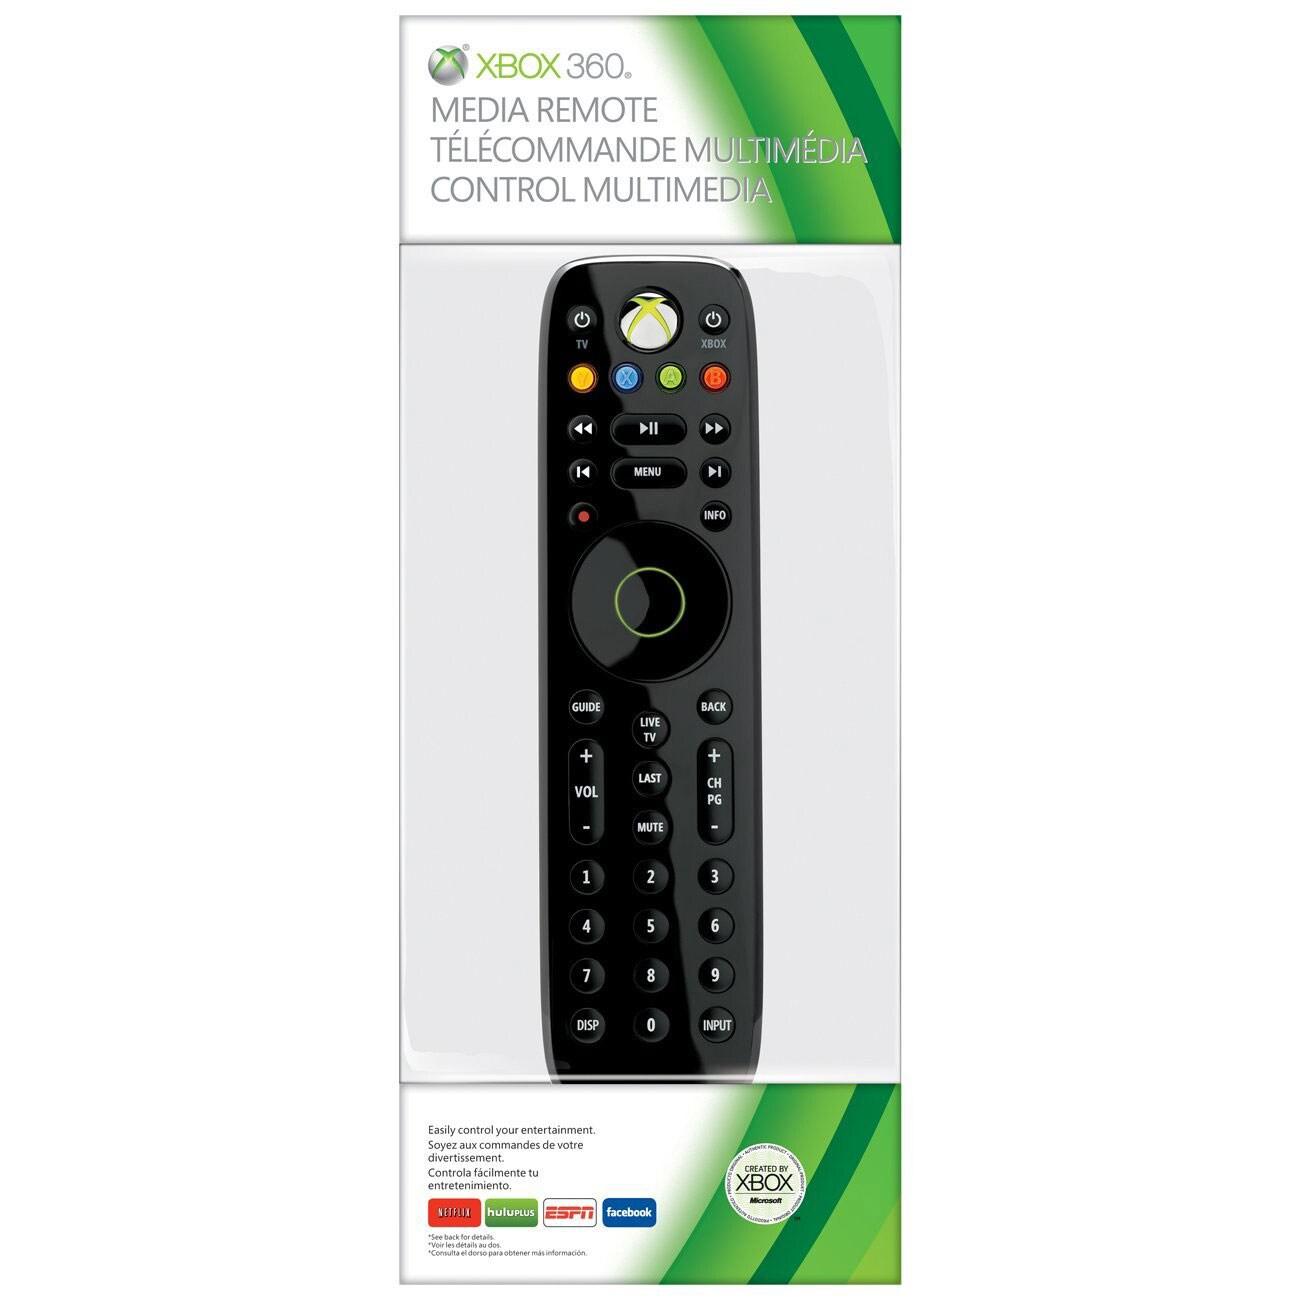 Xbox 360 - Media Remote